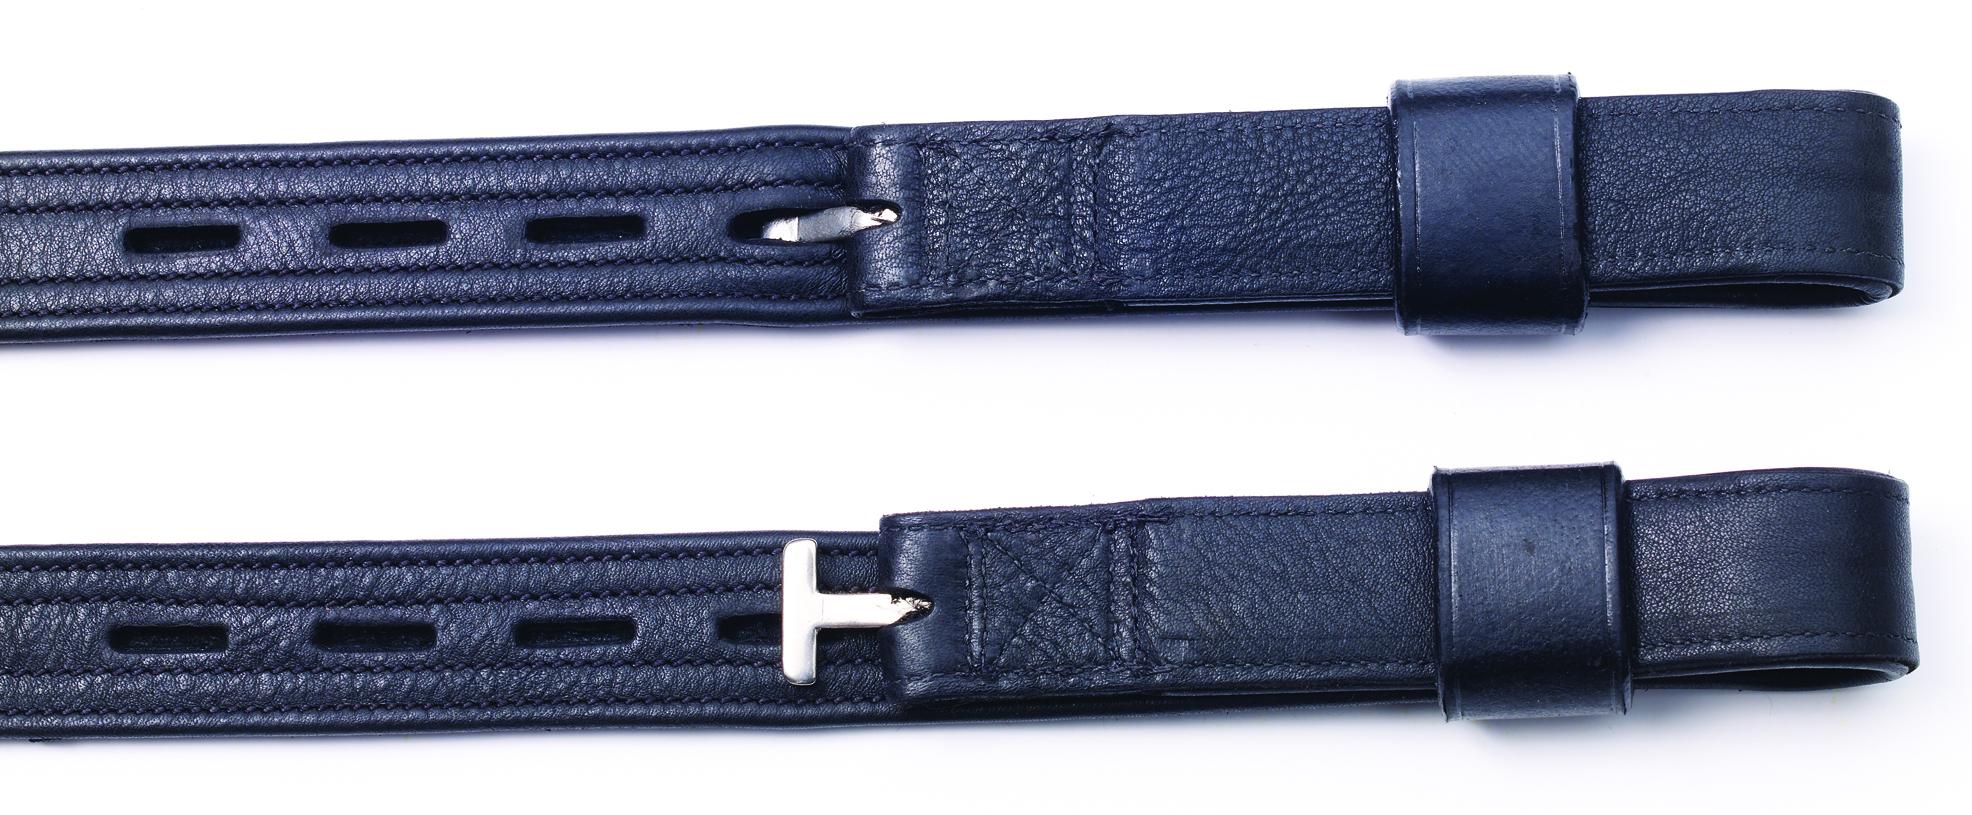 Ovation Web-A Style Leathers